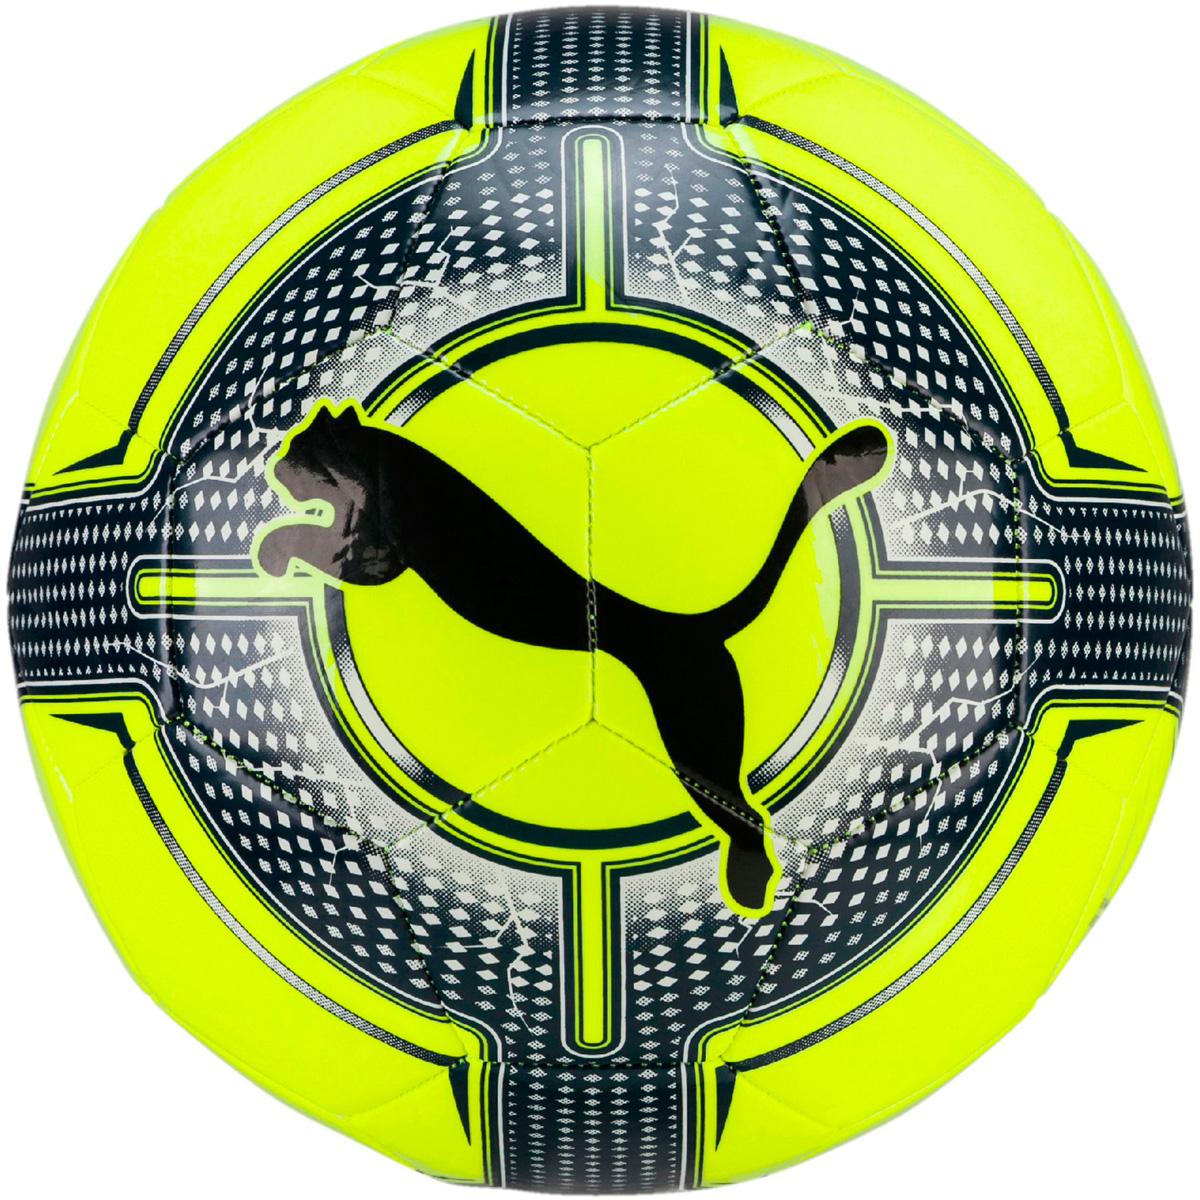 Мяч футбольный Puma Evopower 6.3 Trainer Ms, цвет: желтый. 08256344. Размер 508256344Мяч для тренировок предназначен для игр любителей всех уровней. Покрышка мяча выполнена из термополиуретана, камера из резины. Панели соединены между собой при помощи машинной сшивки. За счет всего этого футбольный мяч Puma evoPOWER 6.3 Trainer MS обладает хорошими характеристиками мяча, которые обеспечивают удобство приема, сохранение формы, предсказуемость отскока, отличные аэродинамические качества.